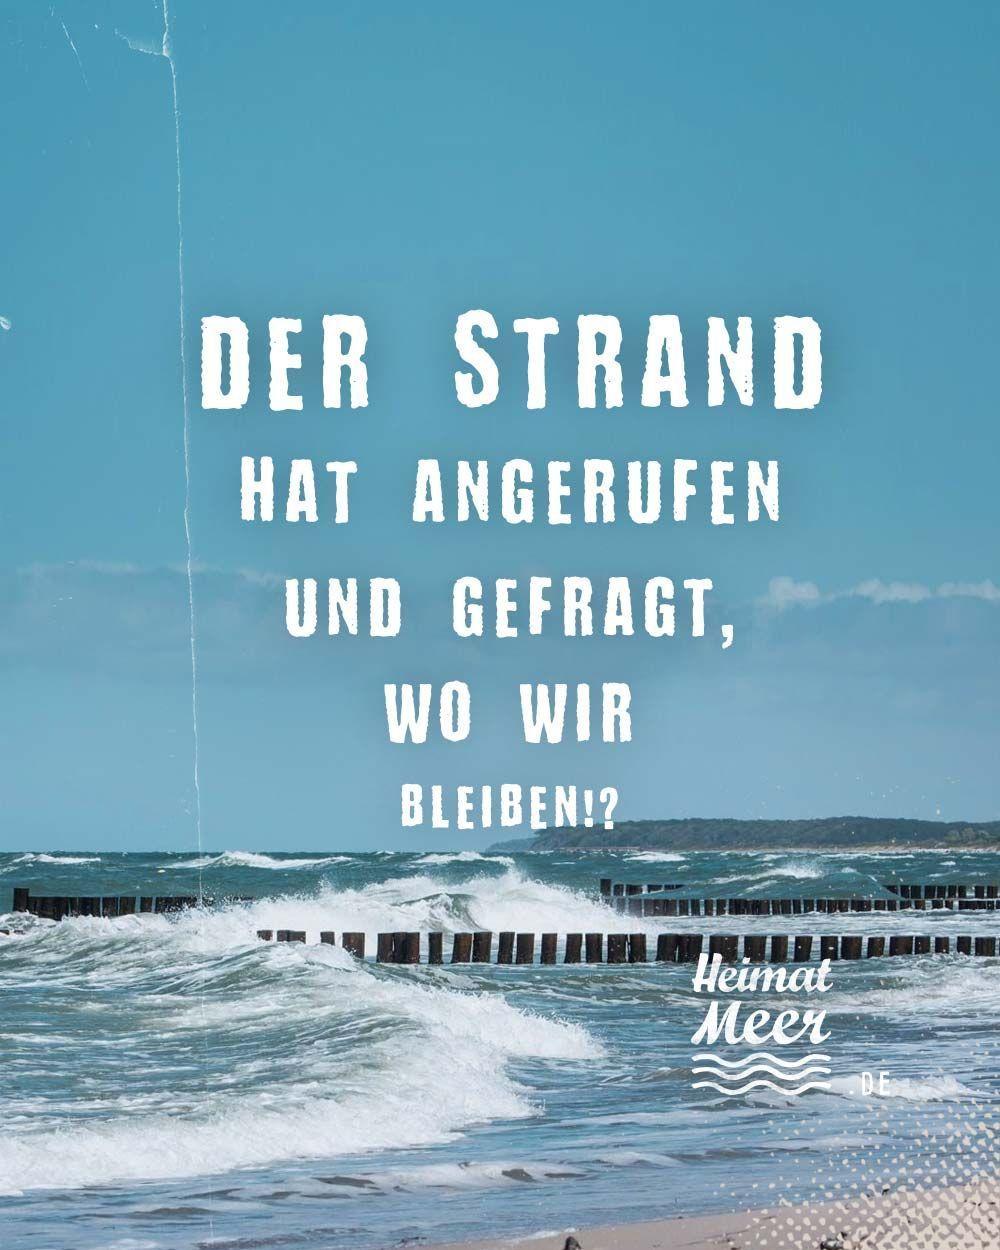 Der Strand Hat Angerufen Mee H R 2020 Hochzeit Berge Hochzeit Berg 2020 Hochzeit Berge Hoch Strand Spruche Sehnsucht Nach Dir Spruche Urlaub